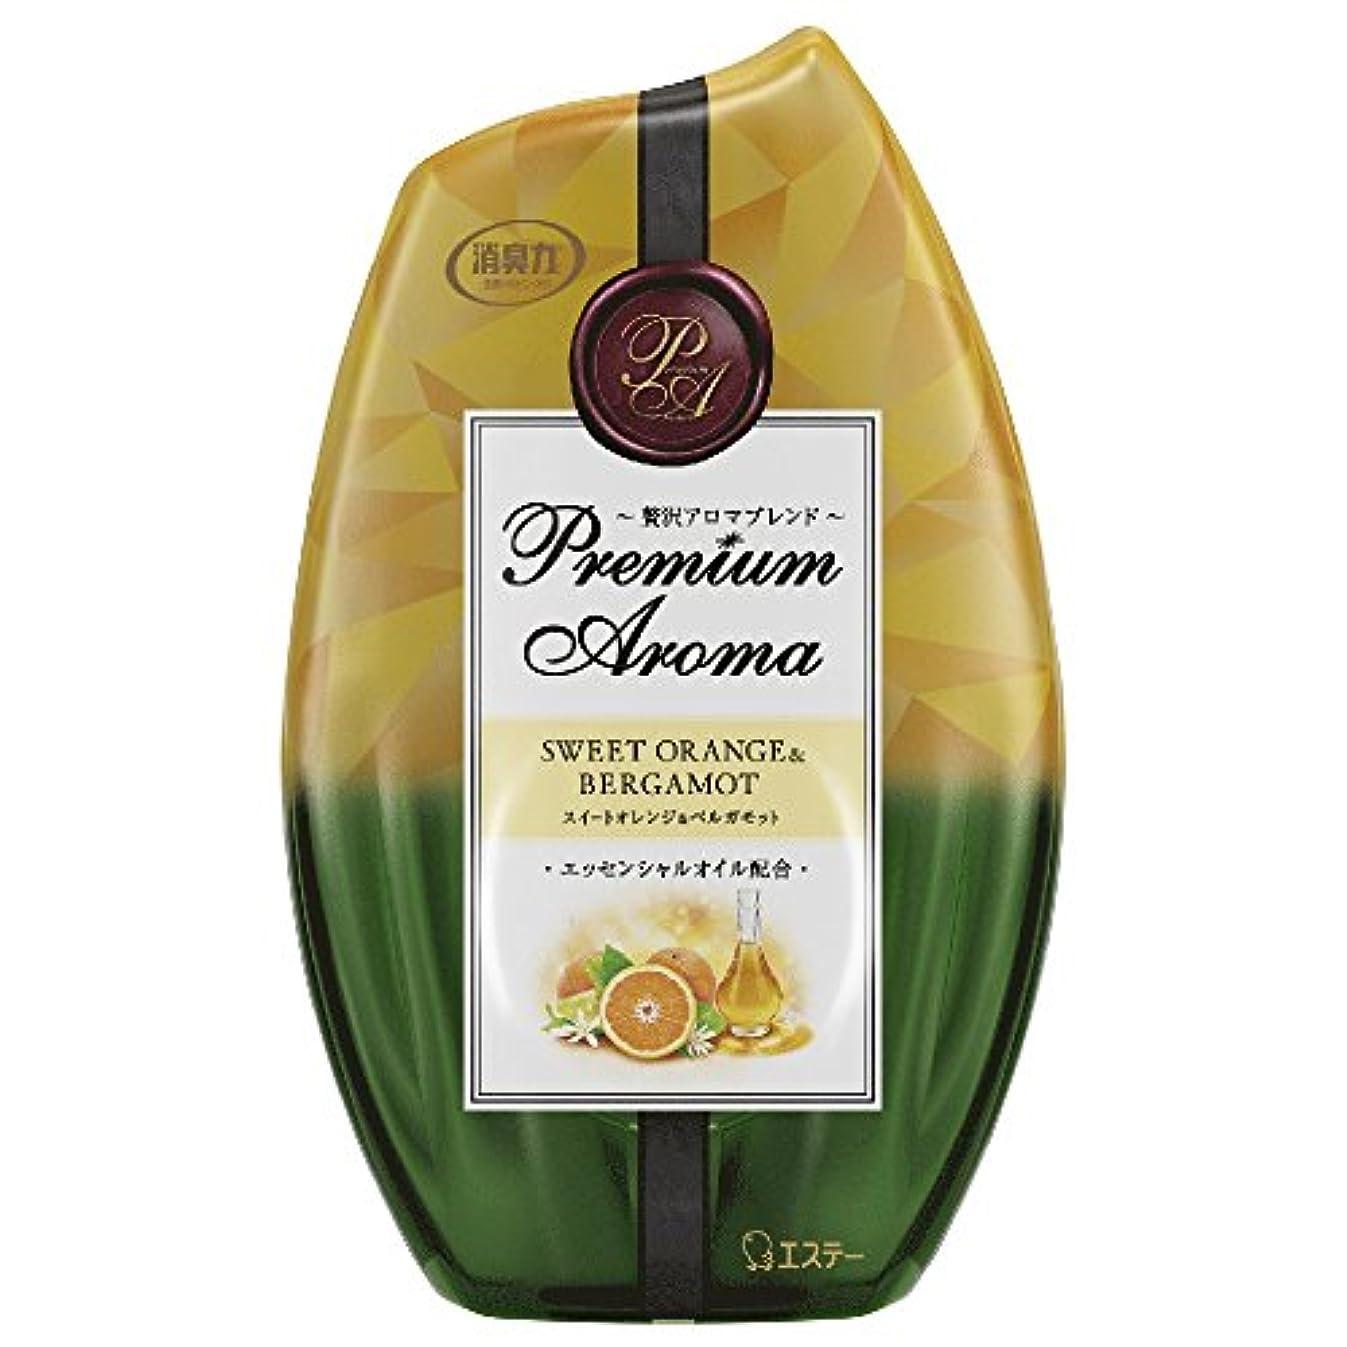 保持ミシン航海お部屋の消臭力 プレミアムアロマ Premium Aroma 消臭芳香剤 部屋用 部屋 スイートオレンジ&ベルガモットの香り 400ml